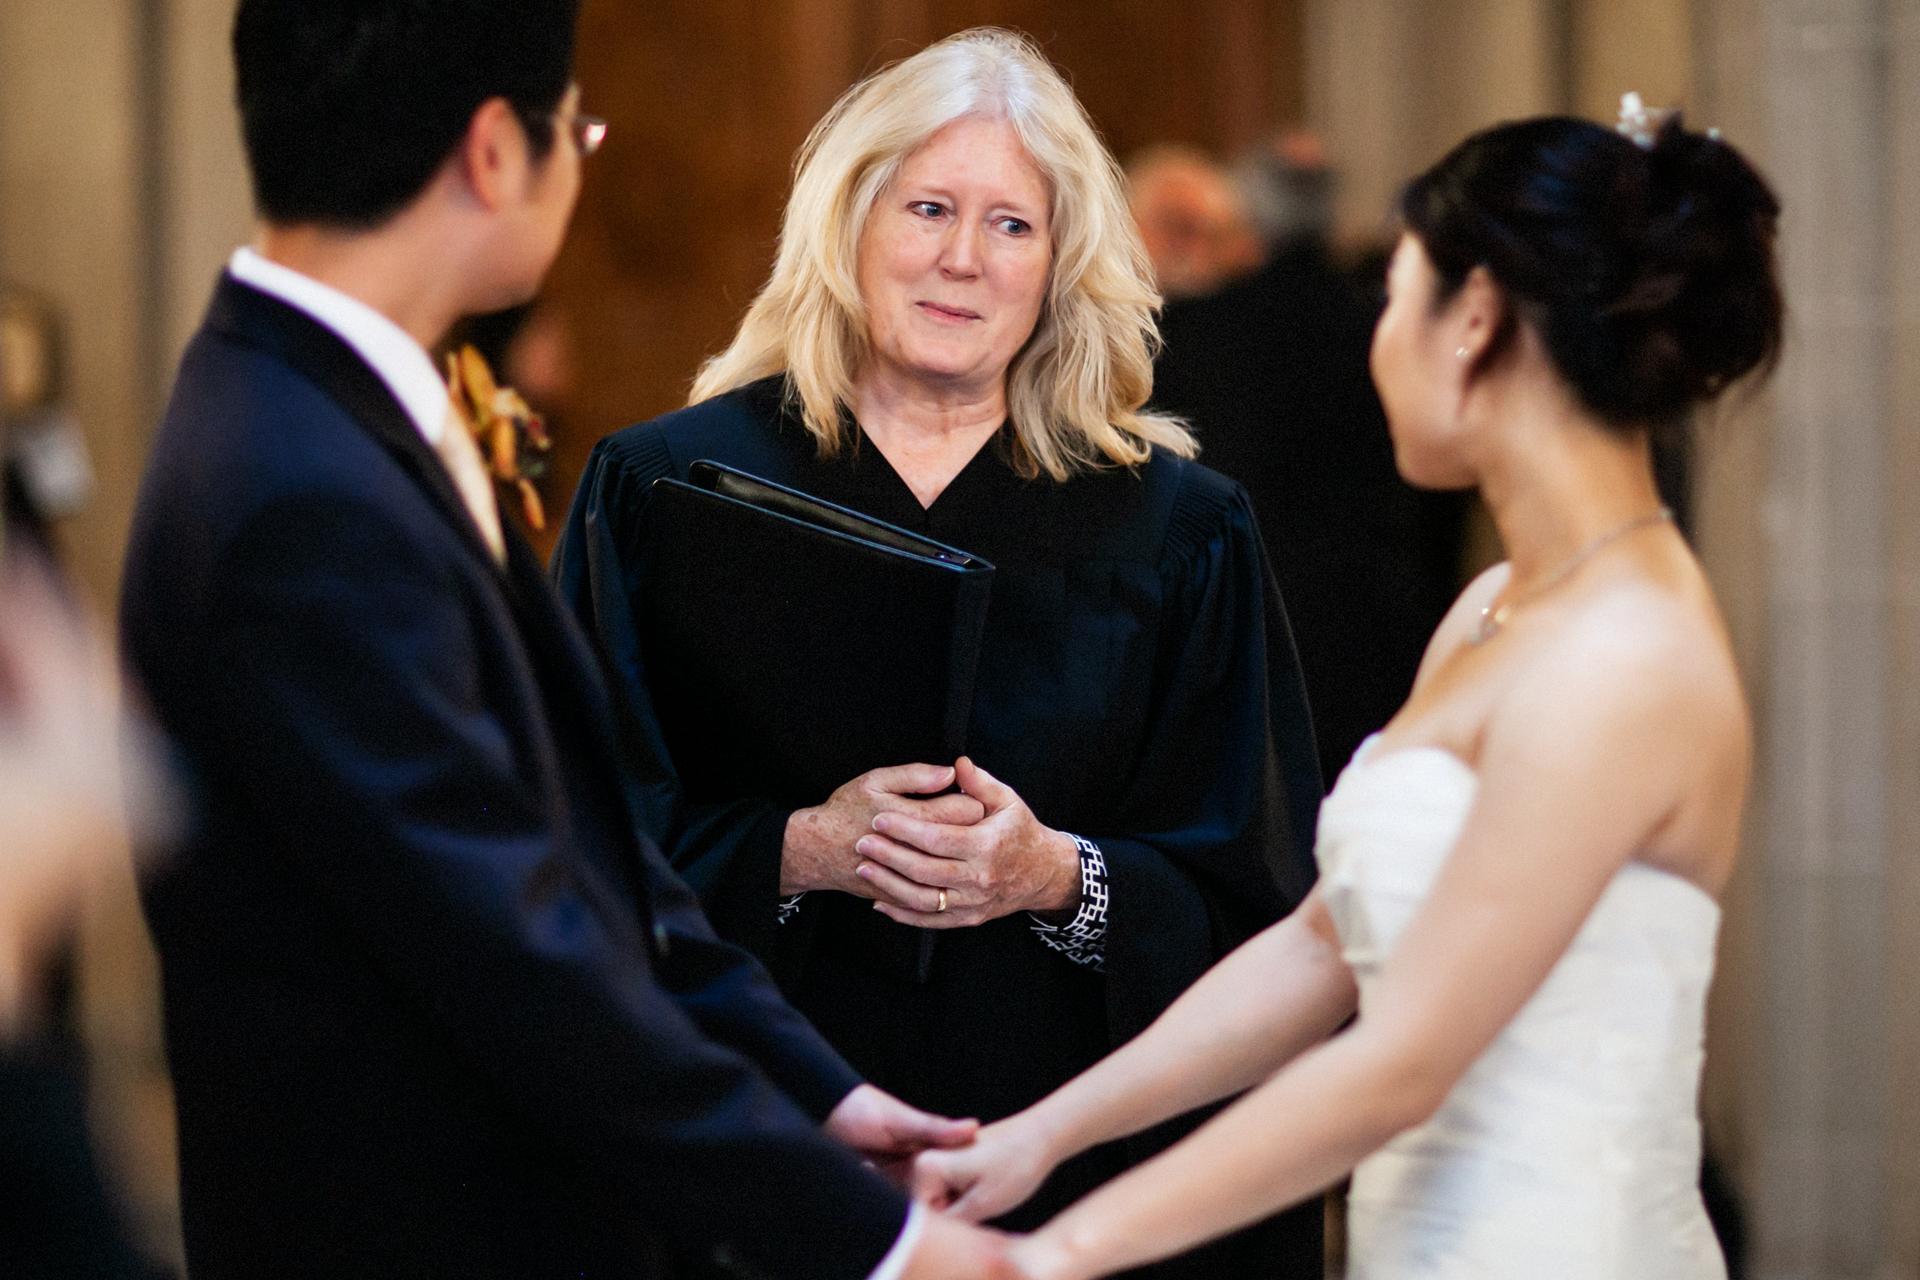 SF, CA Civil Elopement Ceremony Photo - Das Paar hört dem Offiziellen zu